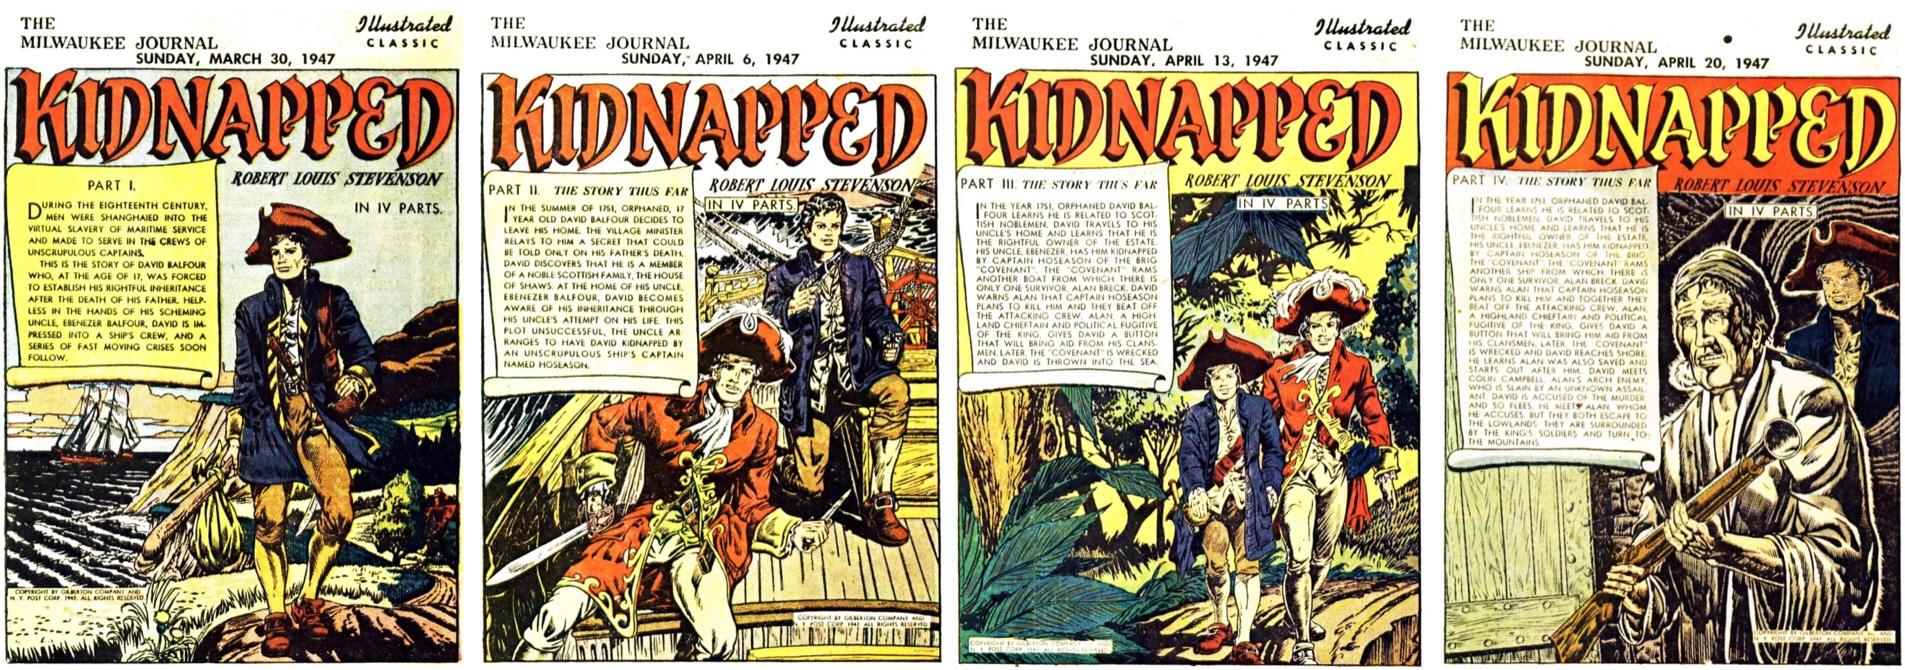 Illustrated Classic var en seriebilaga publicerad som en följetong 4 söndagar efter varann, där varje delepisod inleddes med en titelsida. ©Gilberton